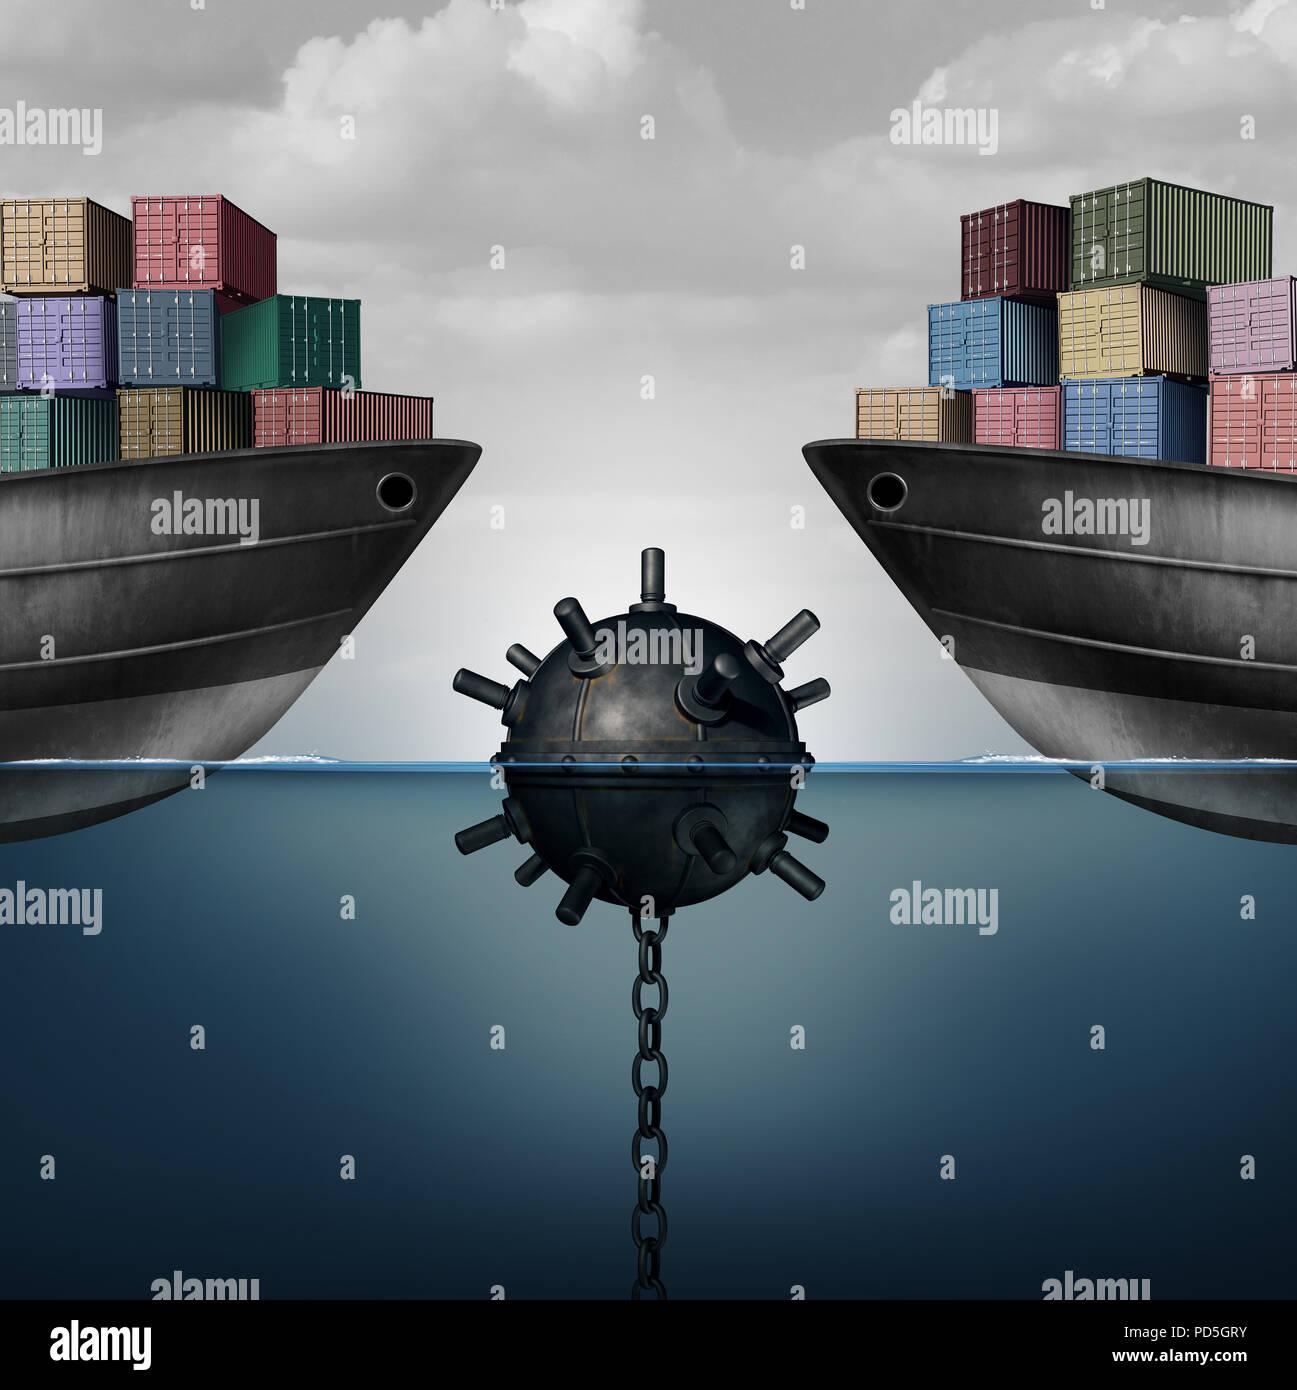 Geschäftstätigkeit Gefahr, als ein Meer mine Gefährdung des freien Handels- und Wirtschaftspolitik als Corporate Weltwirtschaft Herausforderung aufgrund der Politik. Stockbild